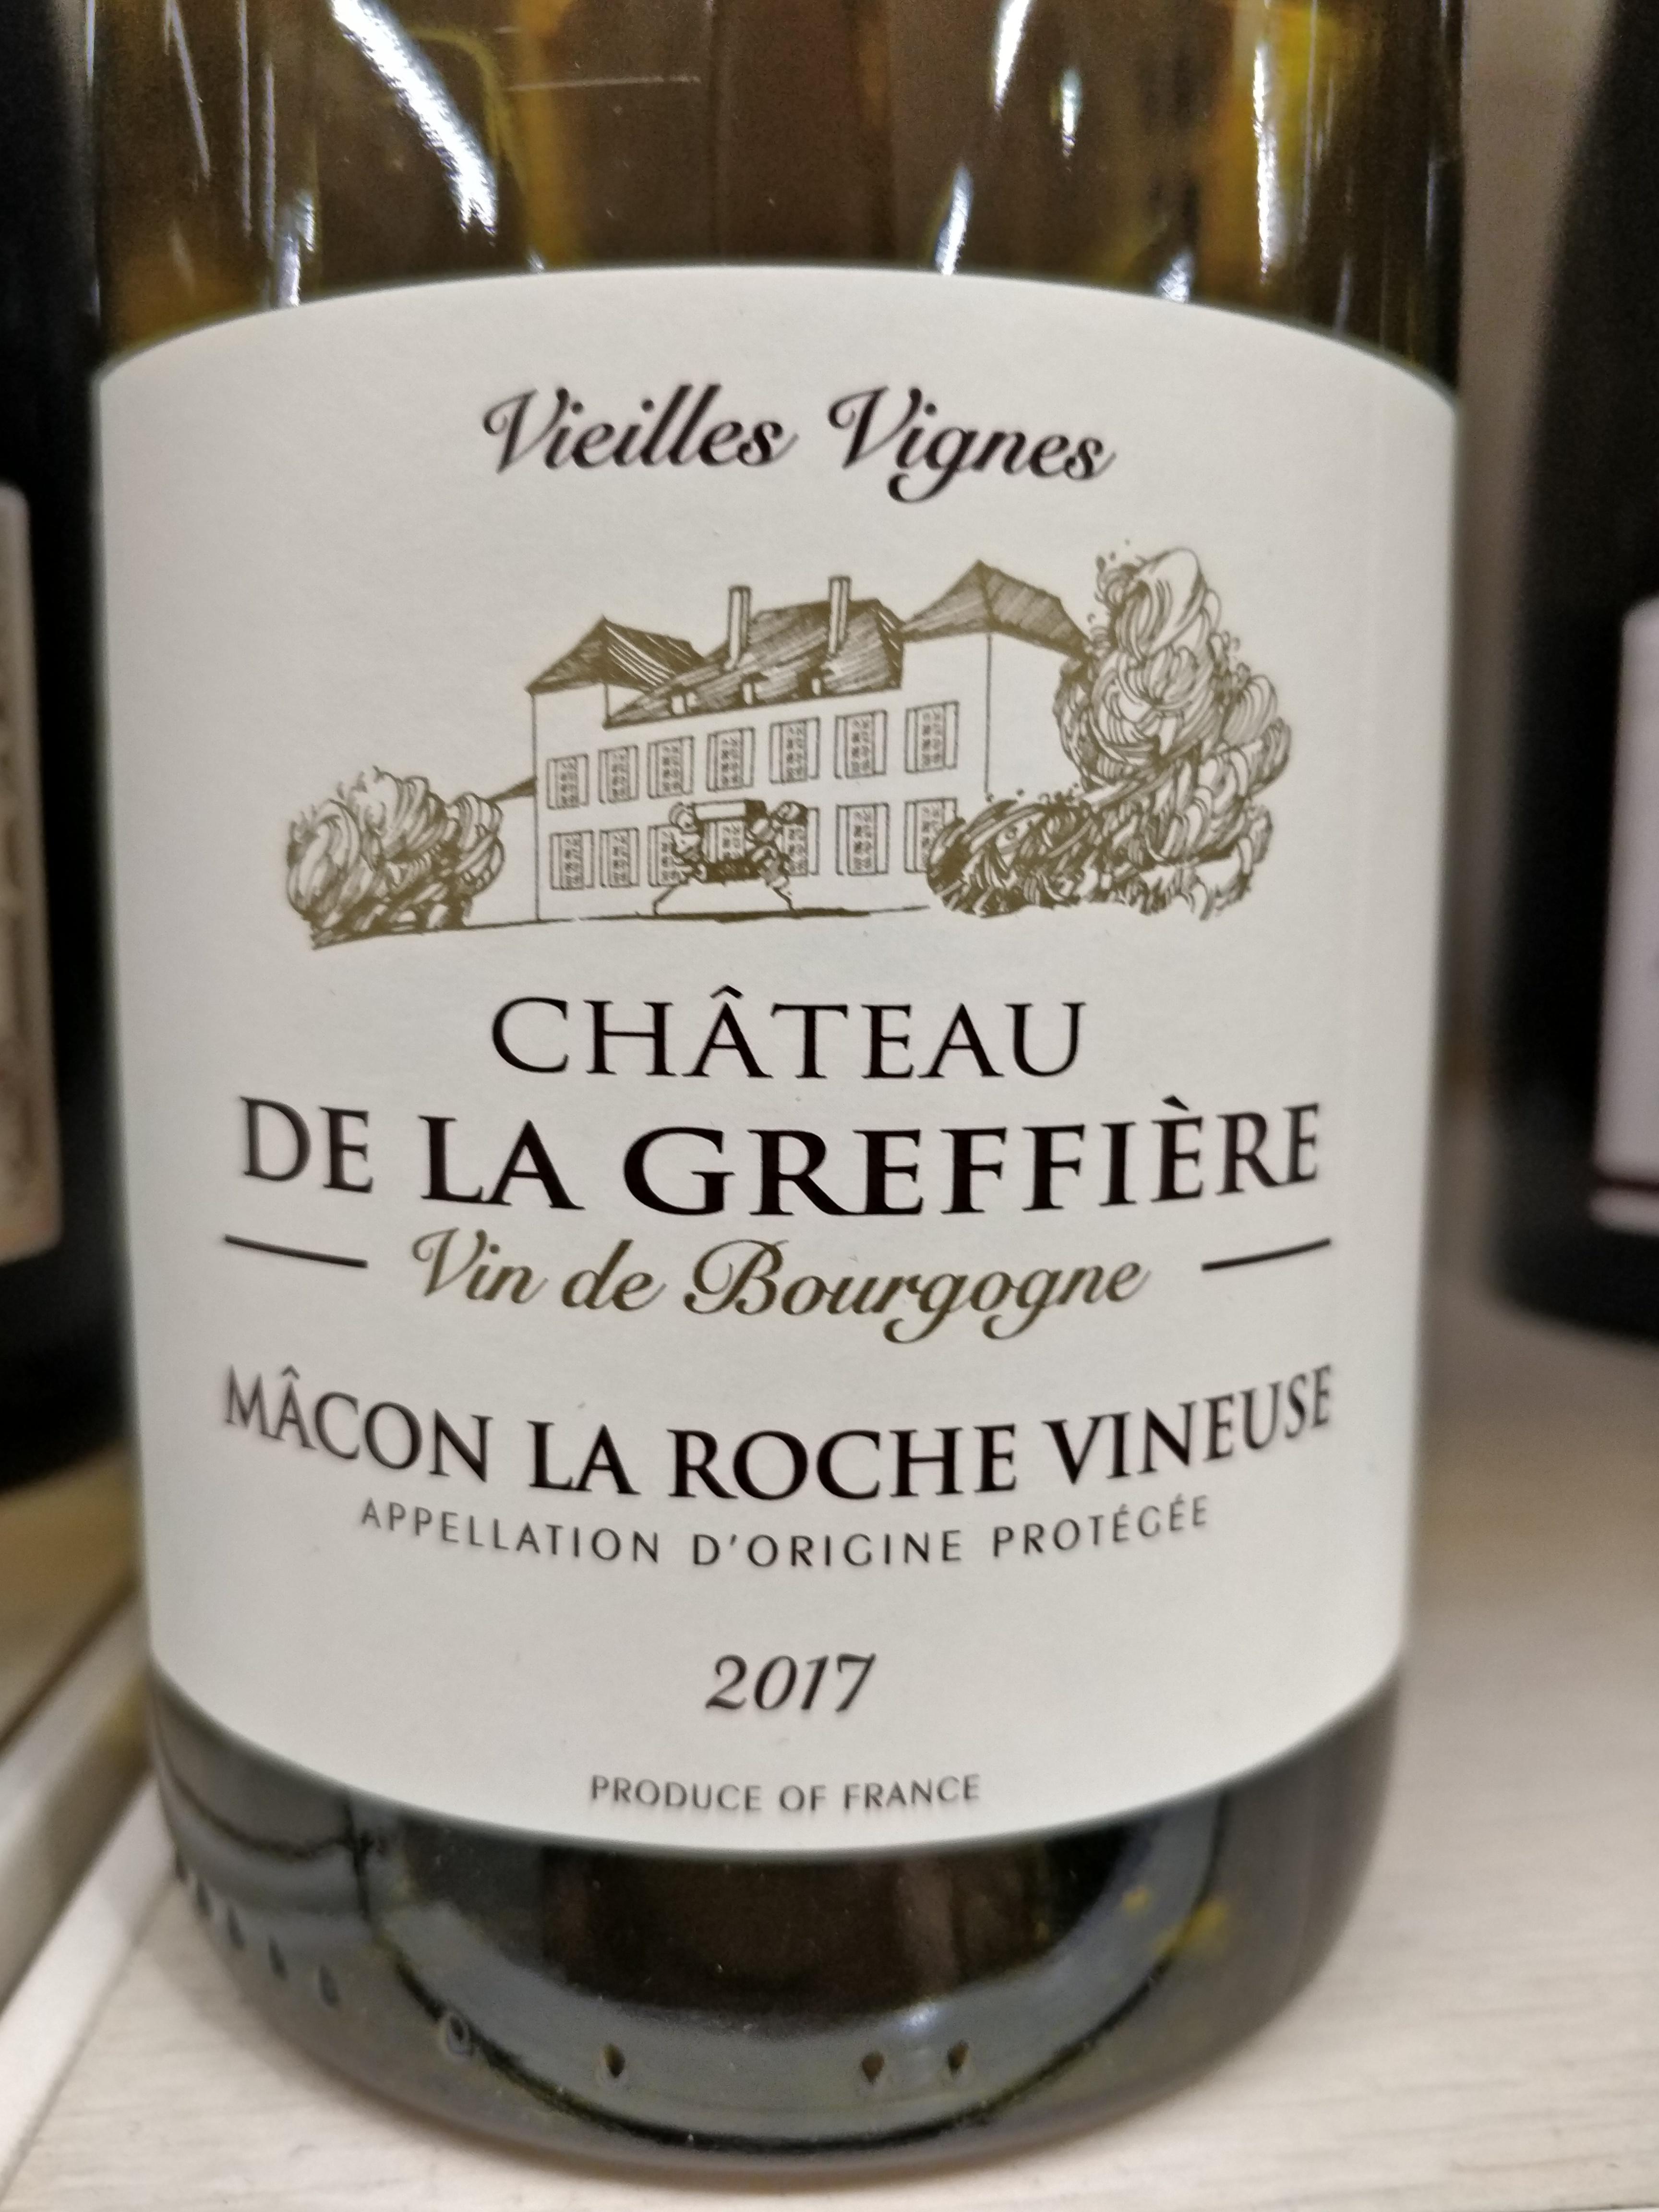 AOC, DOCa ja IGT – WTF? Lyhyt katsaus viinien alkuperäsuojaan